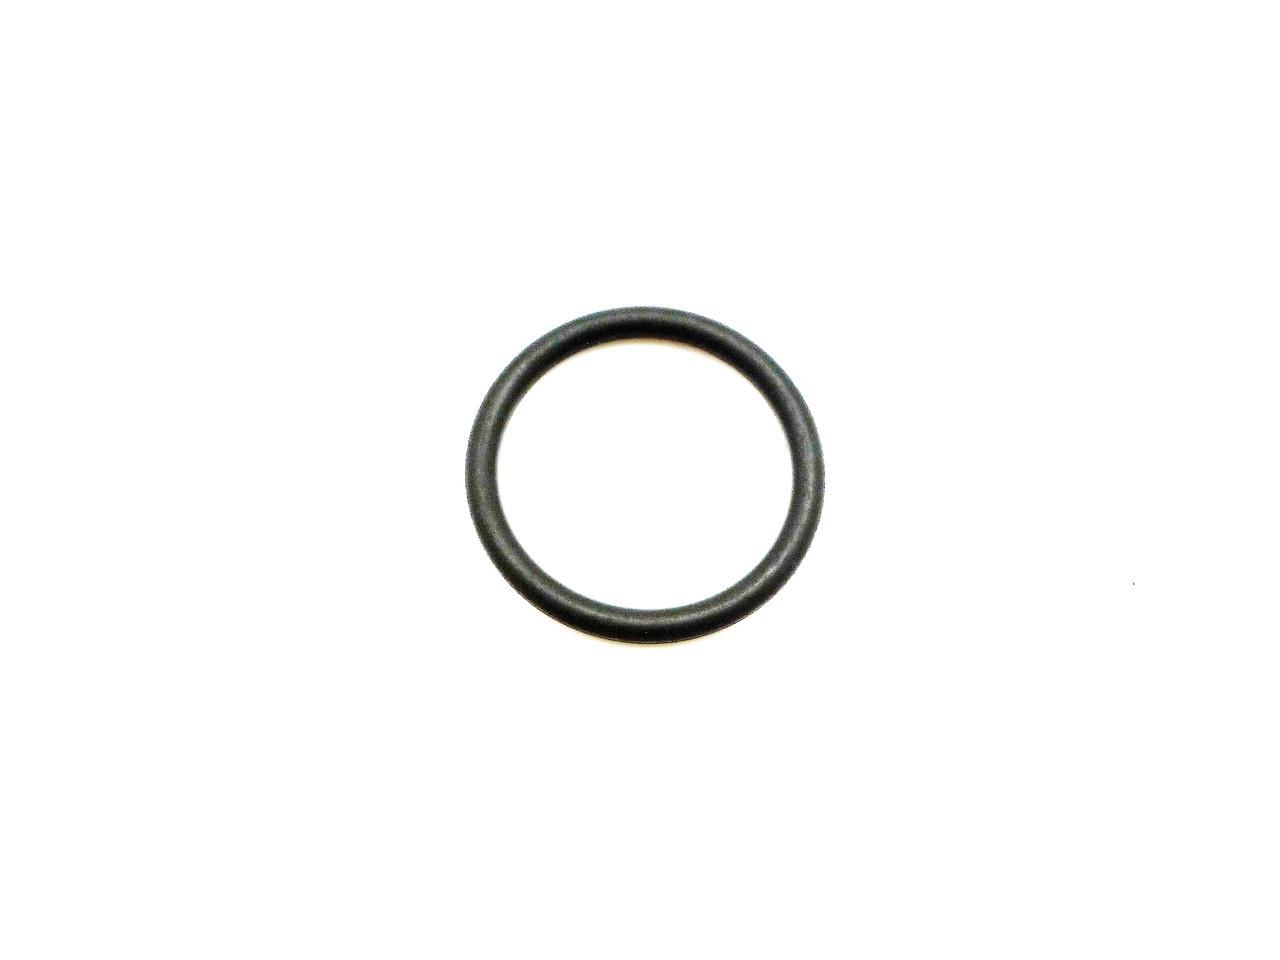 Кольцо уплотнительное маслозаборной трубки  Cummins QSX 3678756